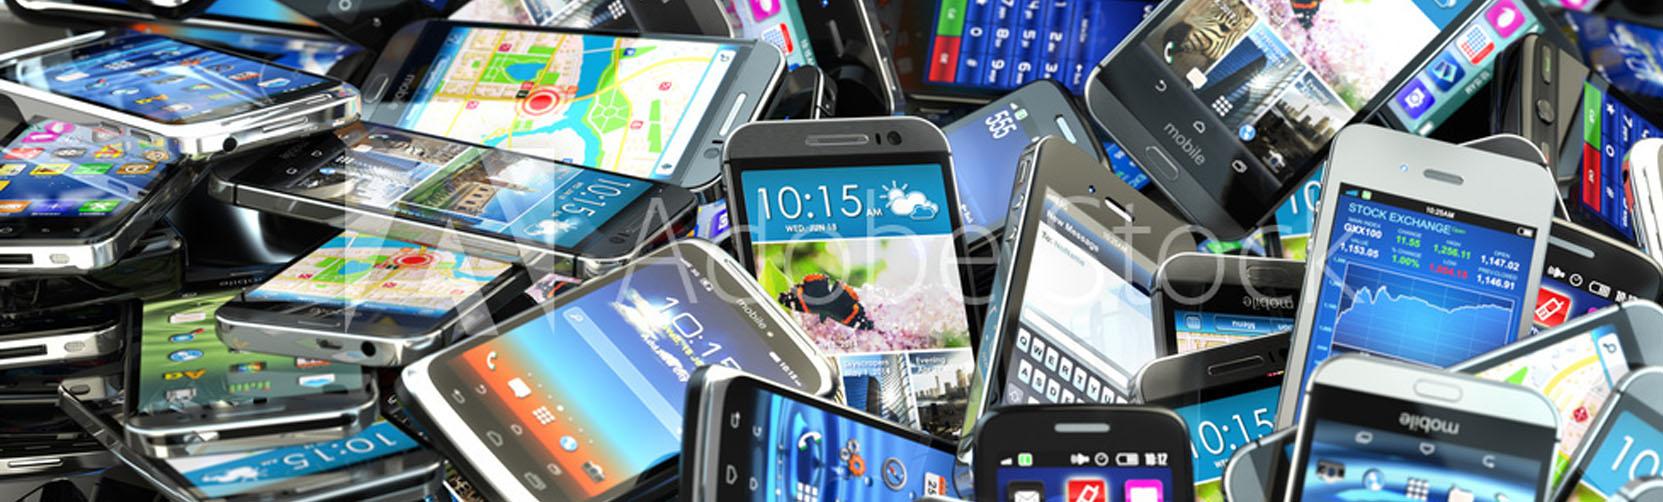 Telefony i telekomunikacja Telefon komórkowy akcesoria i